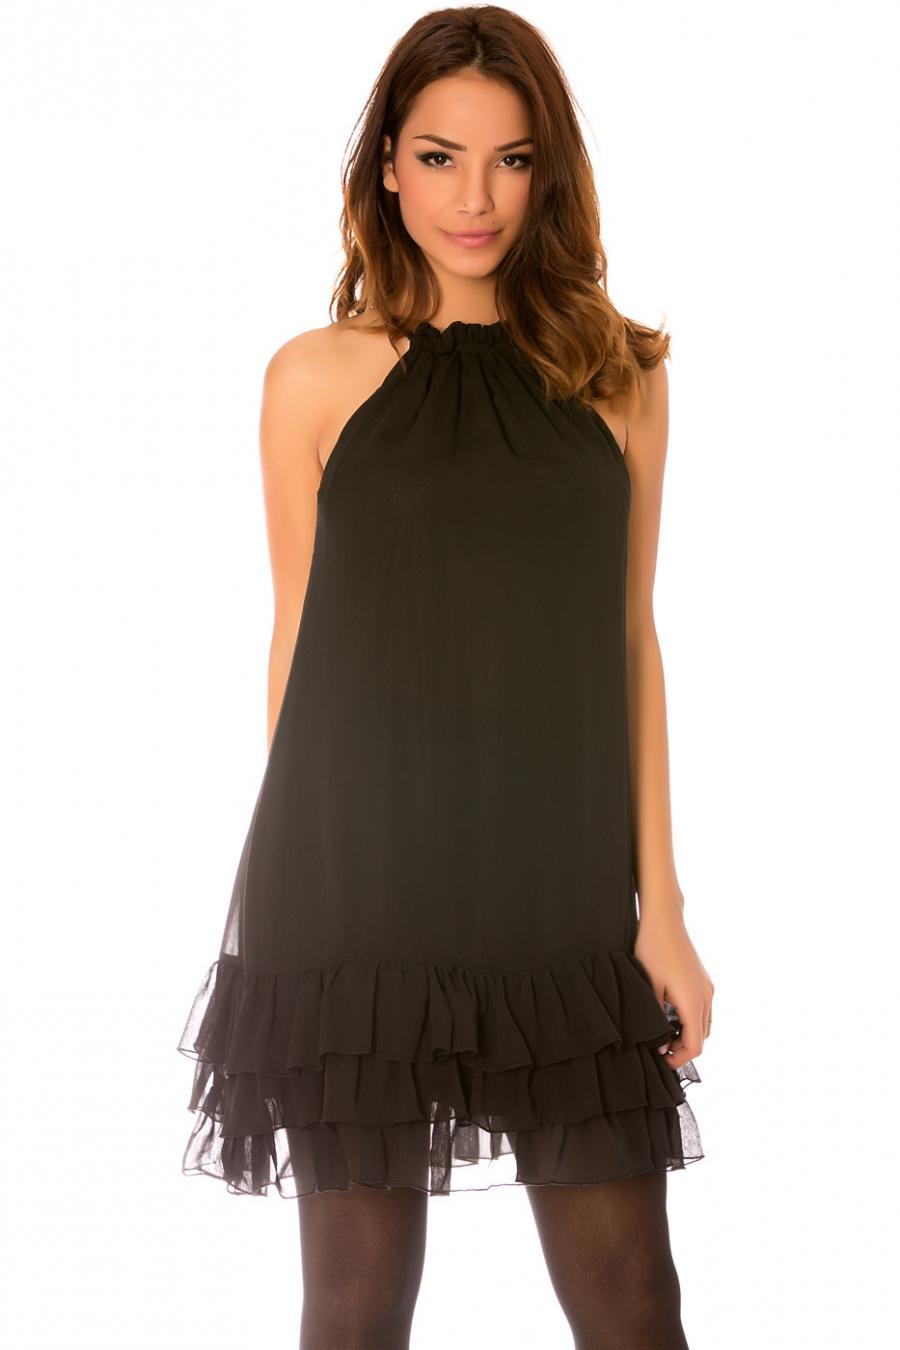 Robe noir sans manches, à fine bretelles avec bas ondulé et doublure. 925